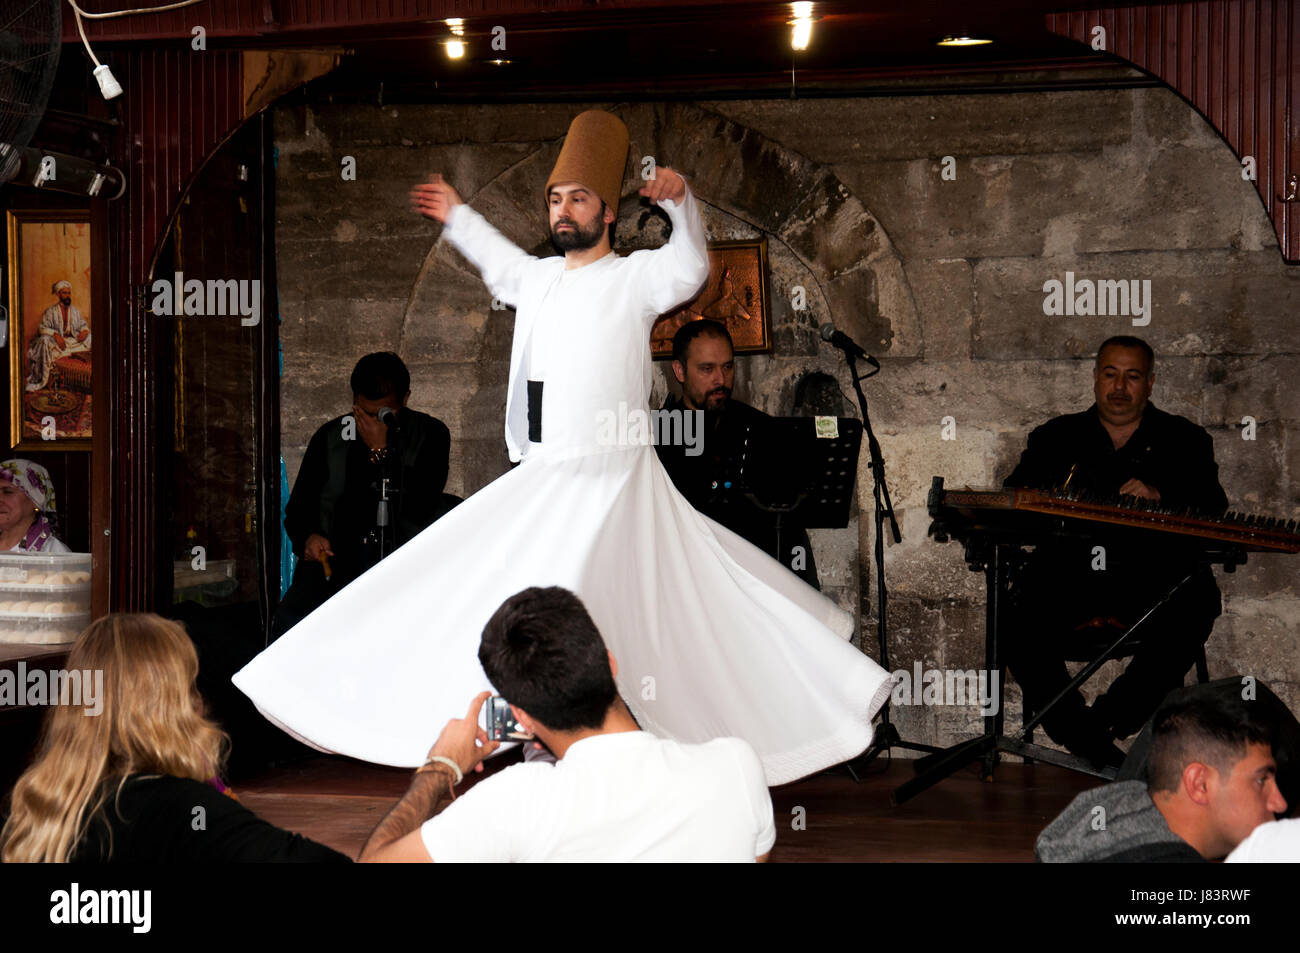 Estambul, Turquía - Mayo 7, 2017: las danzas derviches se llama Sema mientras la gente mira lo Foto de stock